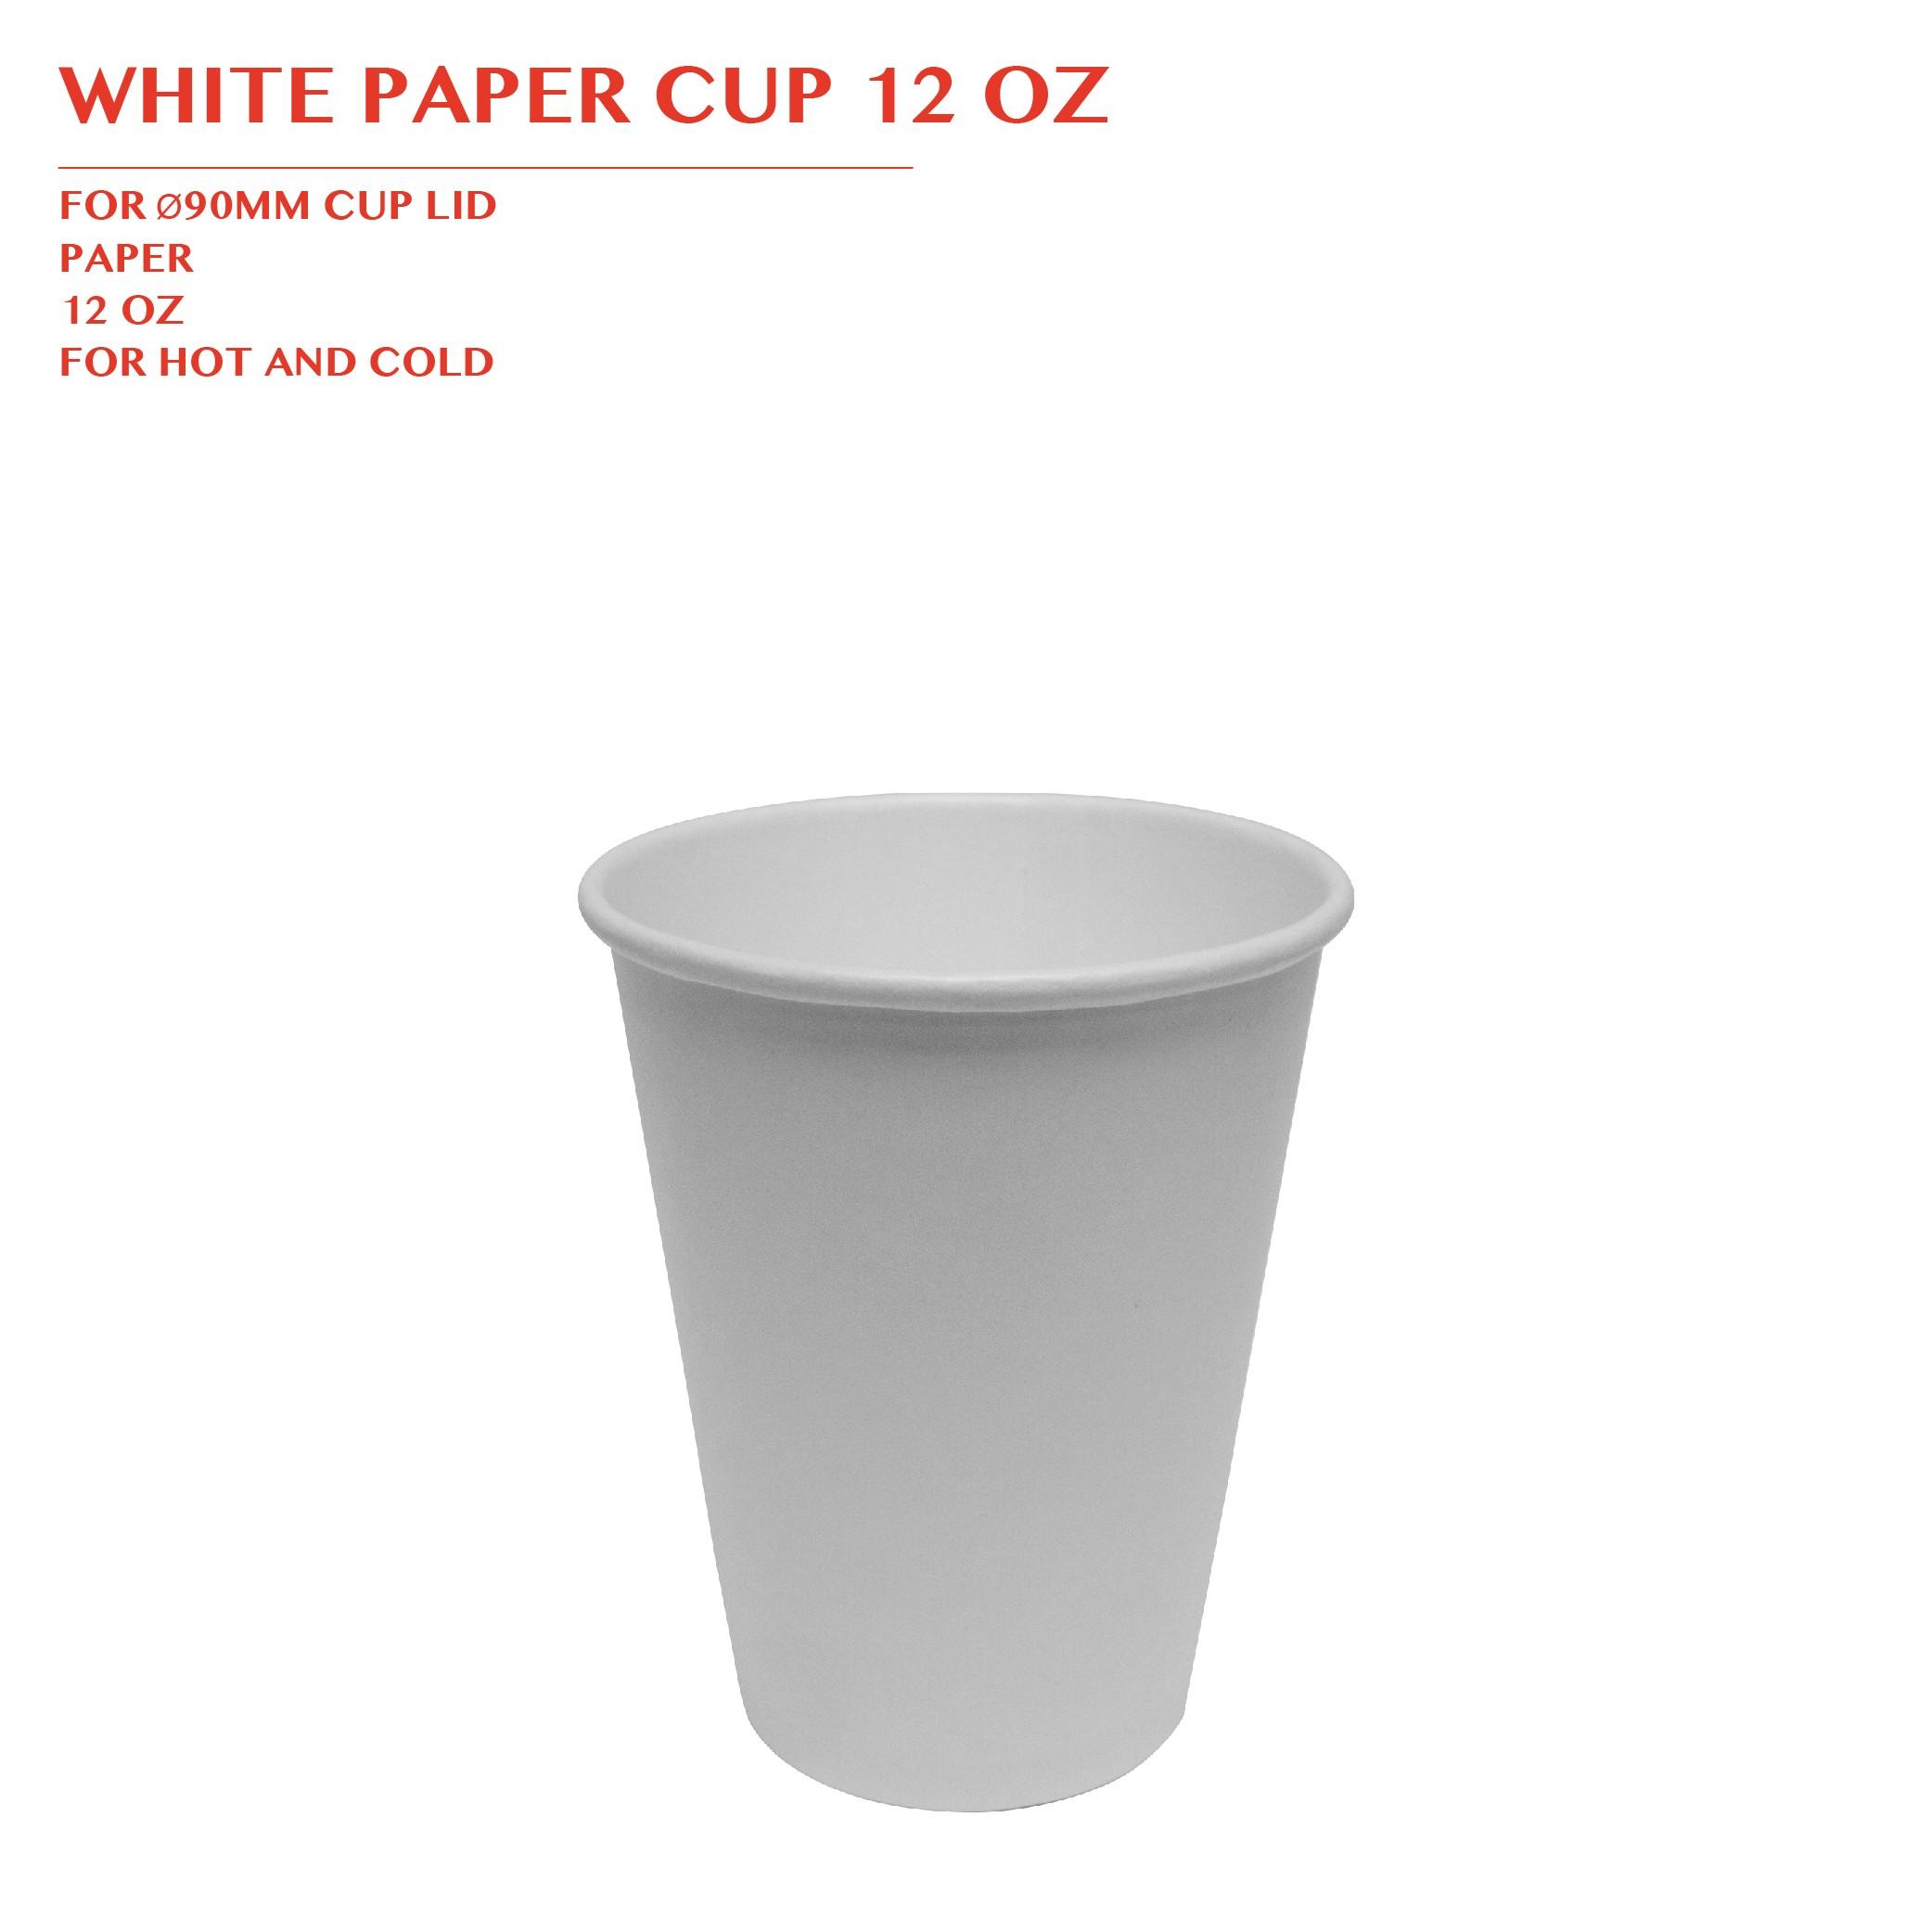 PRE-ORDER WHITE PAPER CUP 12 OZ 1000PCS/CTN